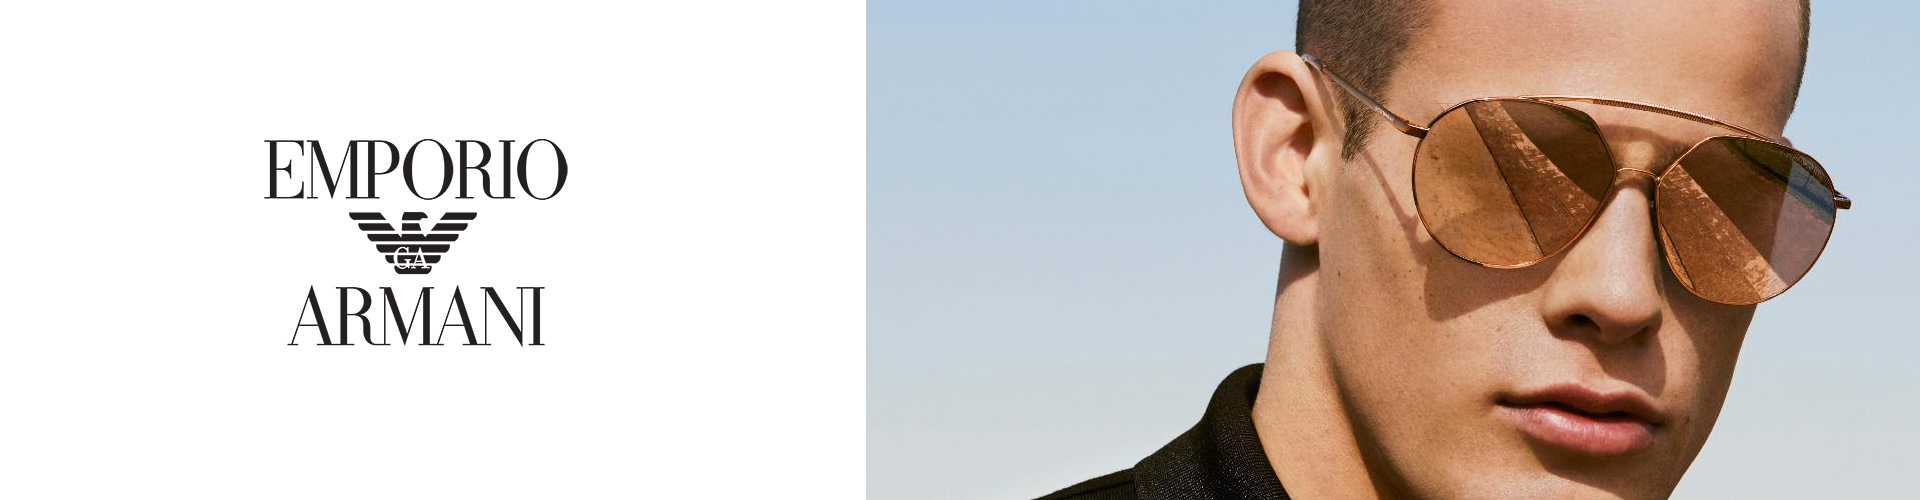 Emporio Armani Sunglasses - Emporio armani γυαλιά ηλίου